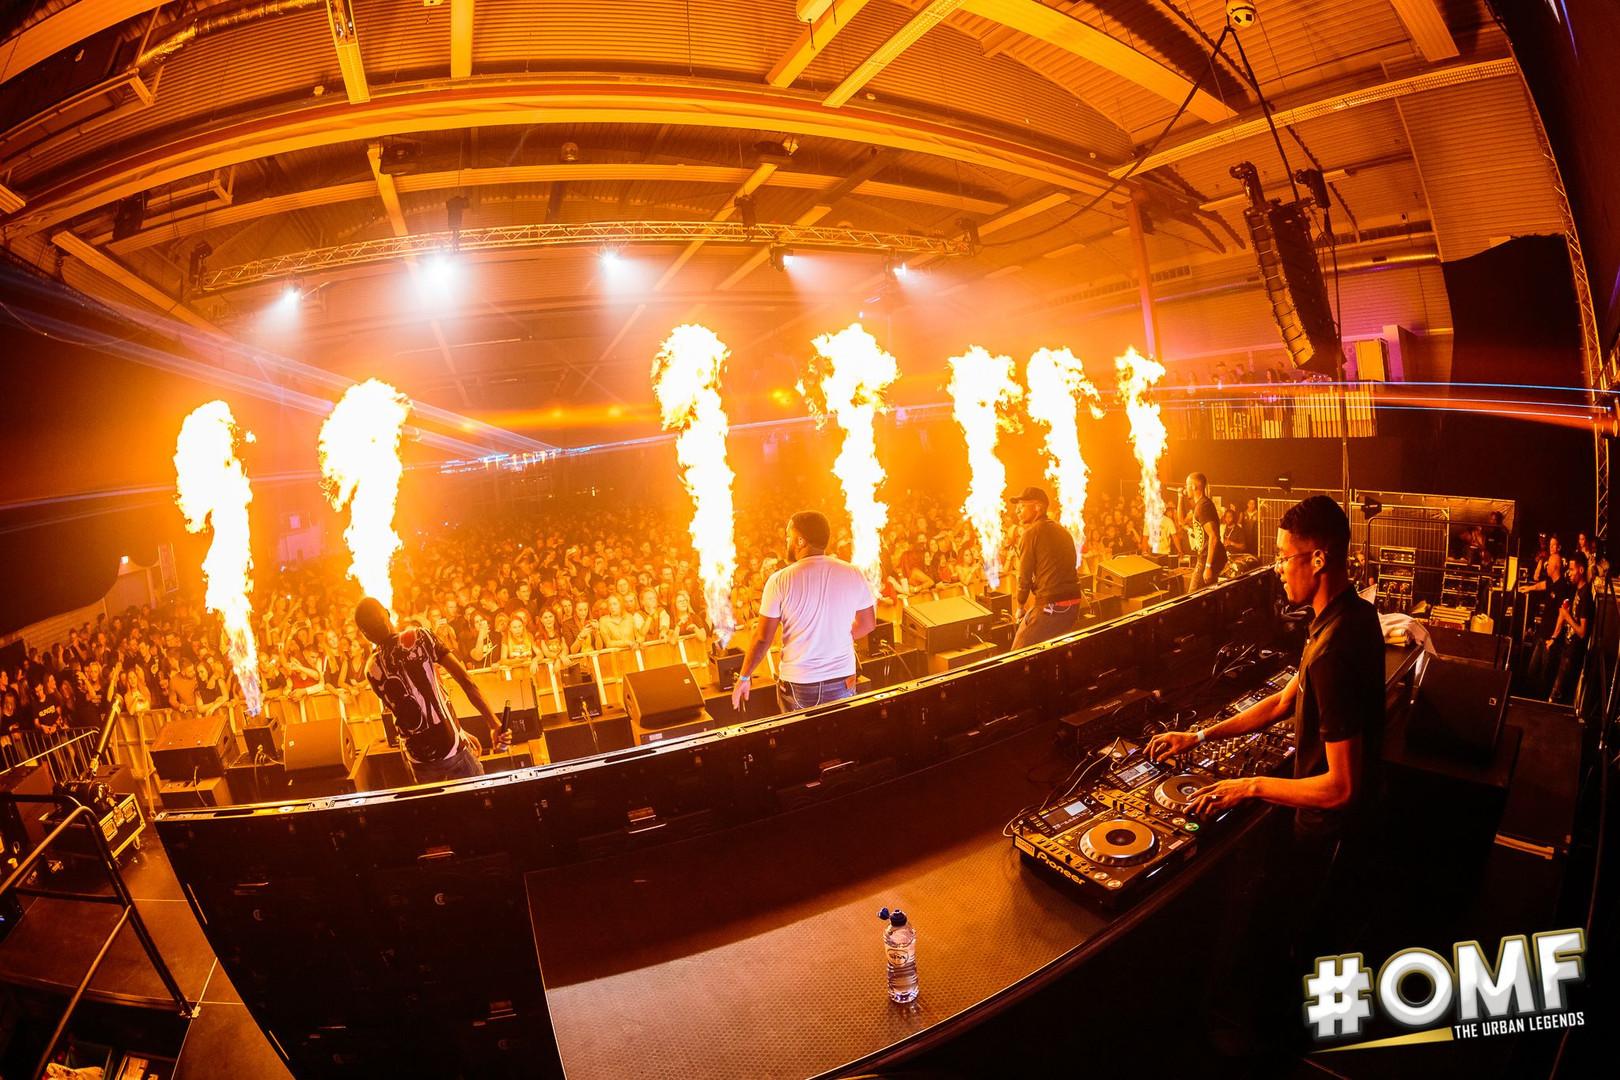 Oss Music Festival